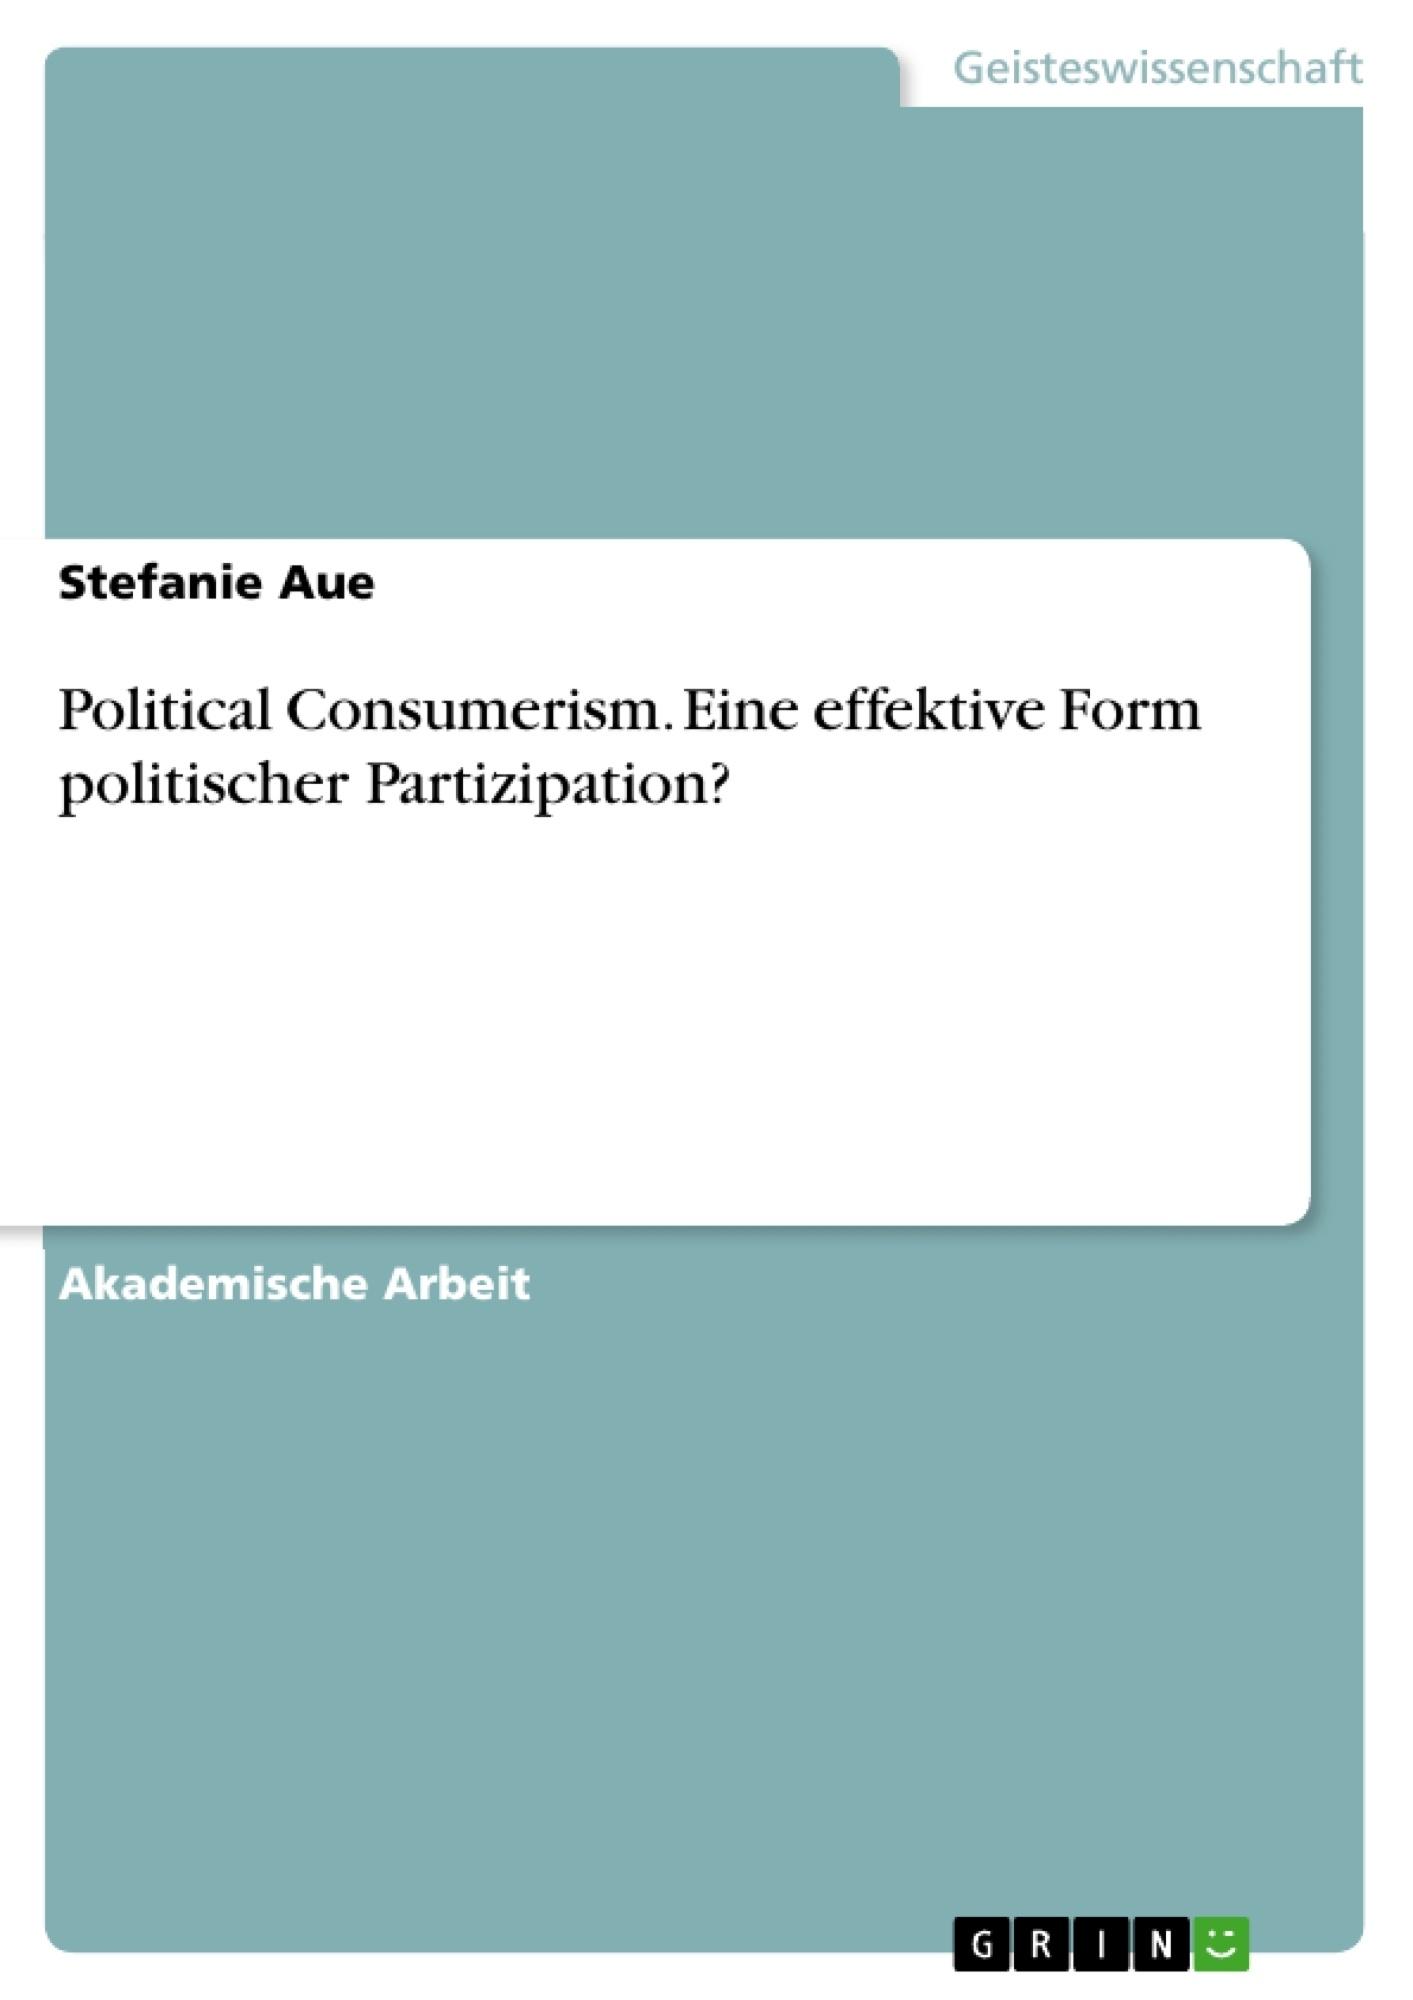 Titel: Political Consumerism. Eine effektive Form politischer Partizipation?